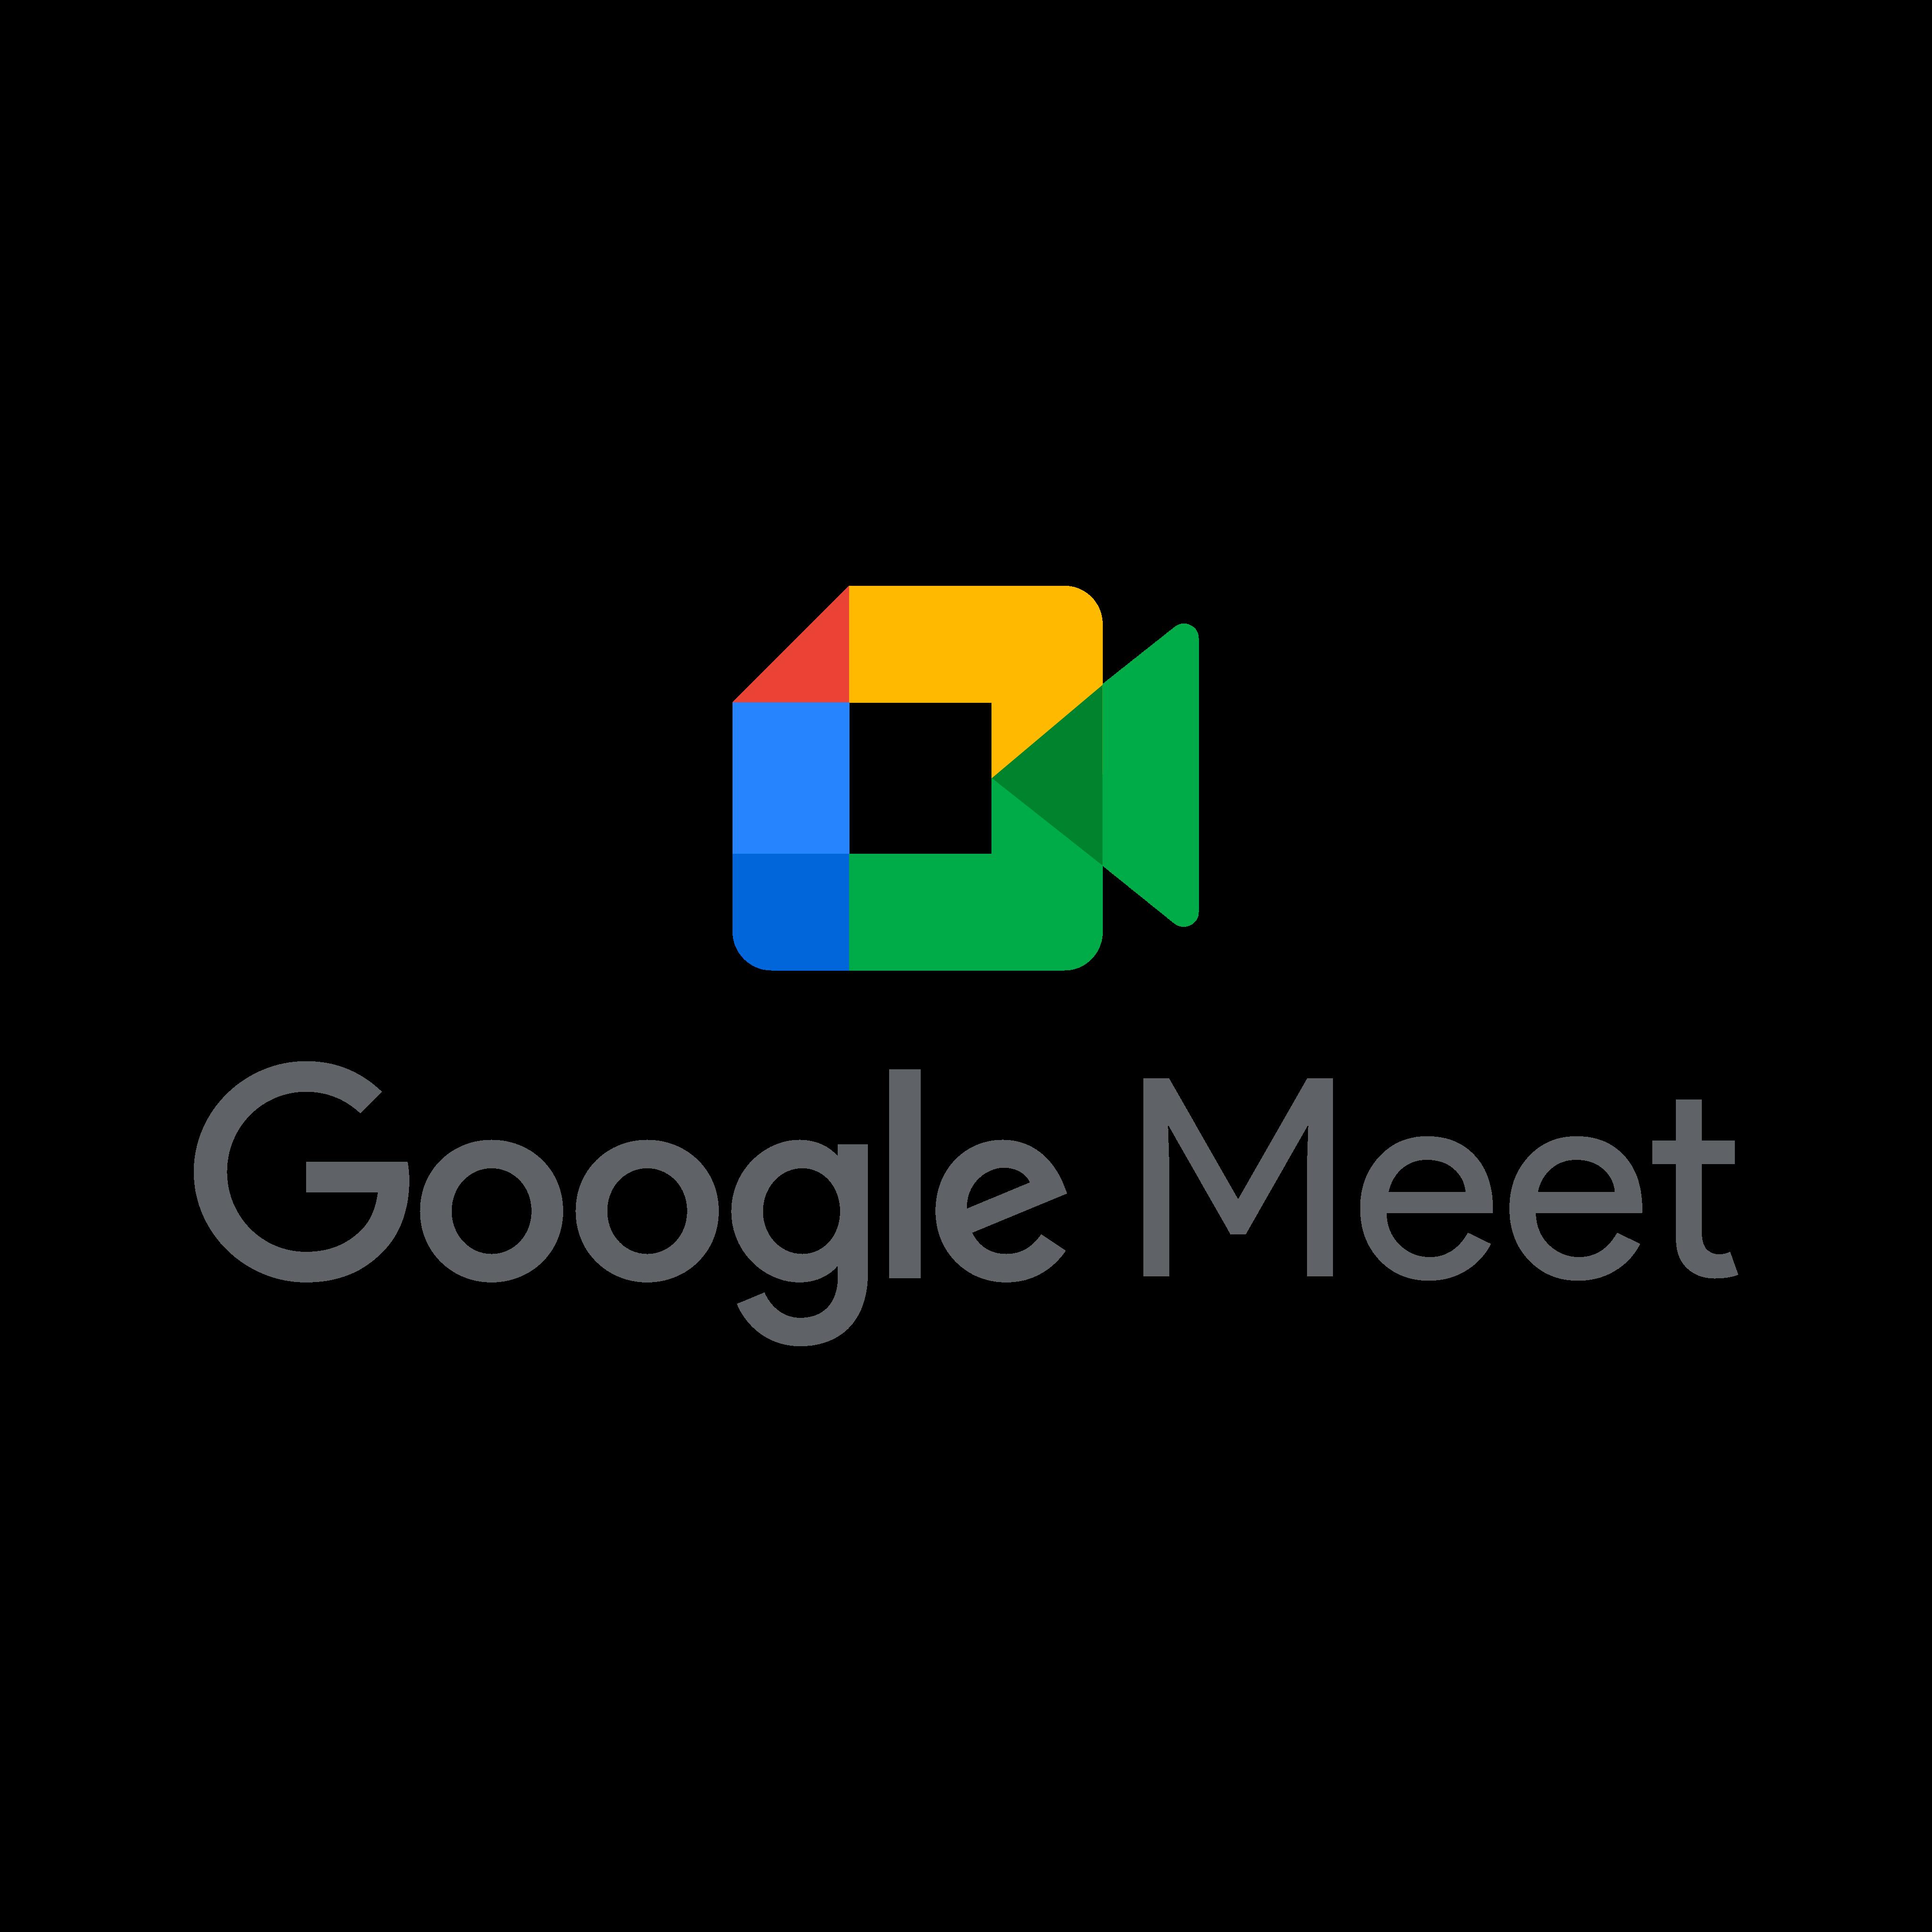 google meet logo 0 - Google Meet Logo